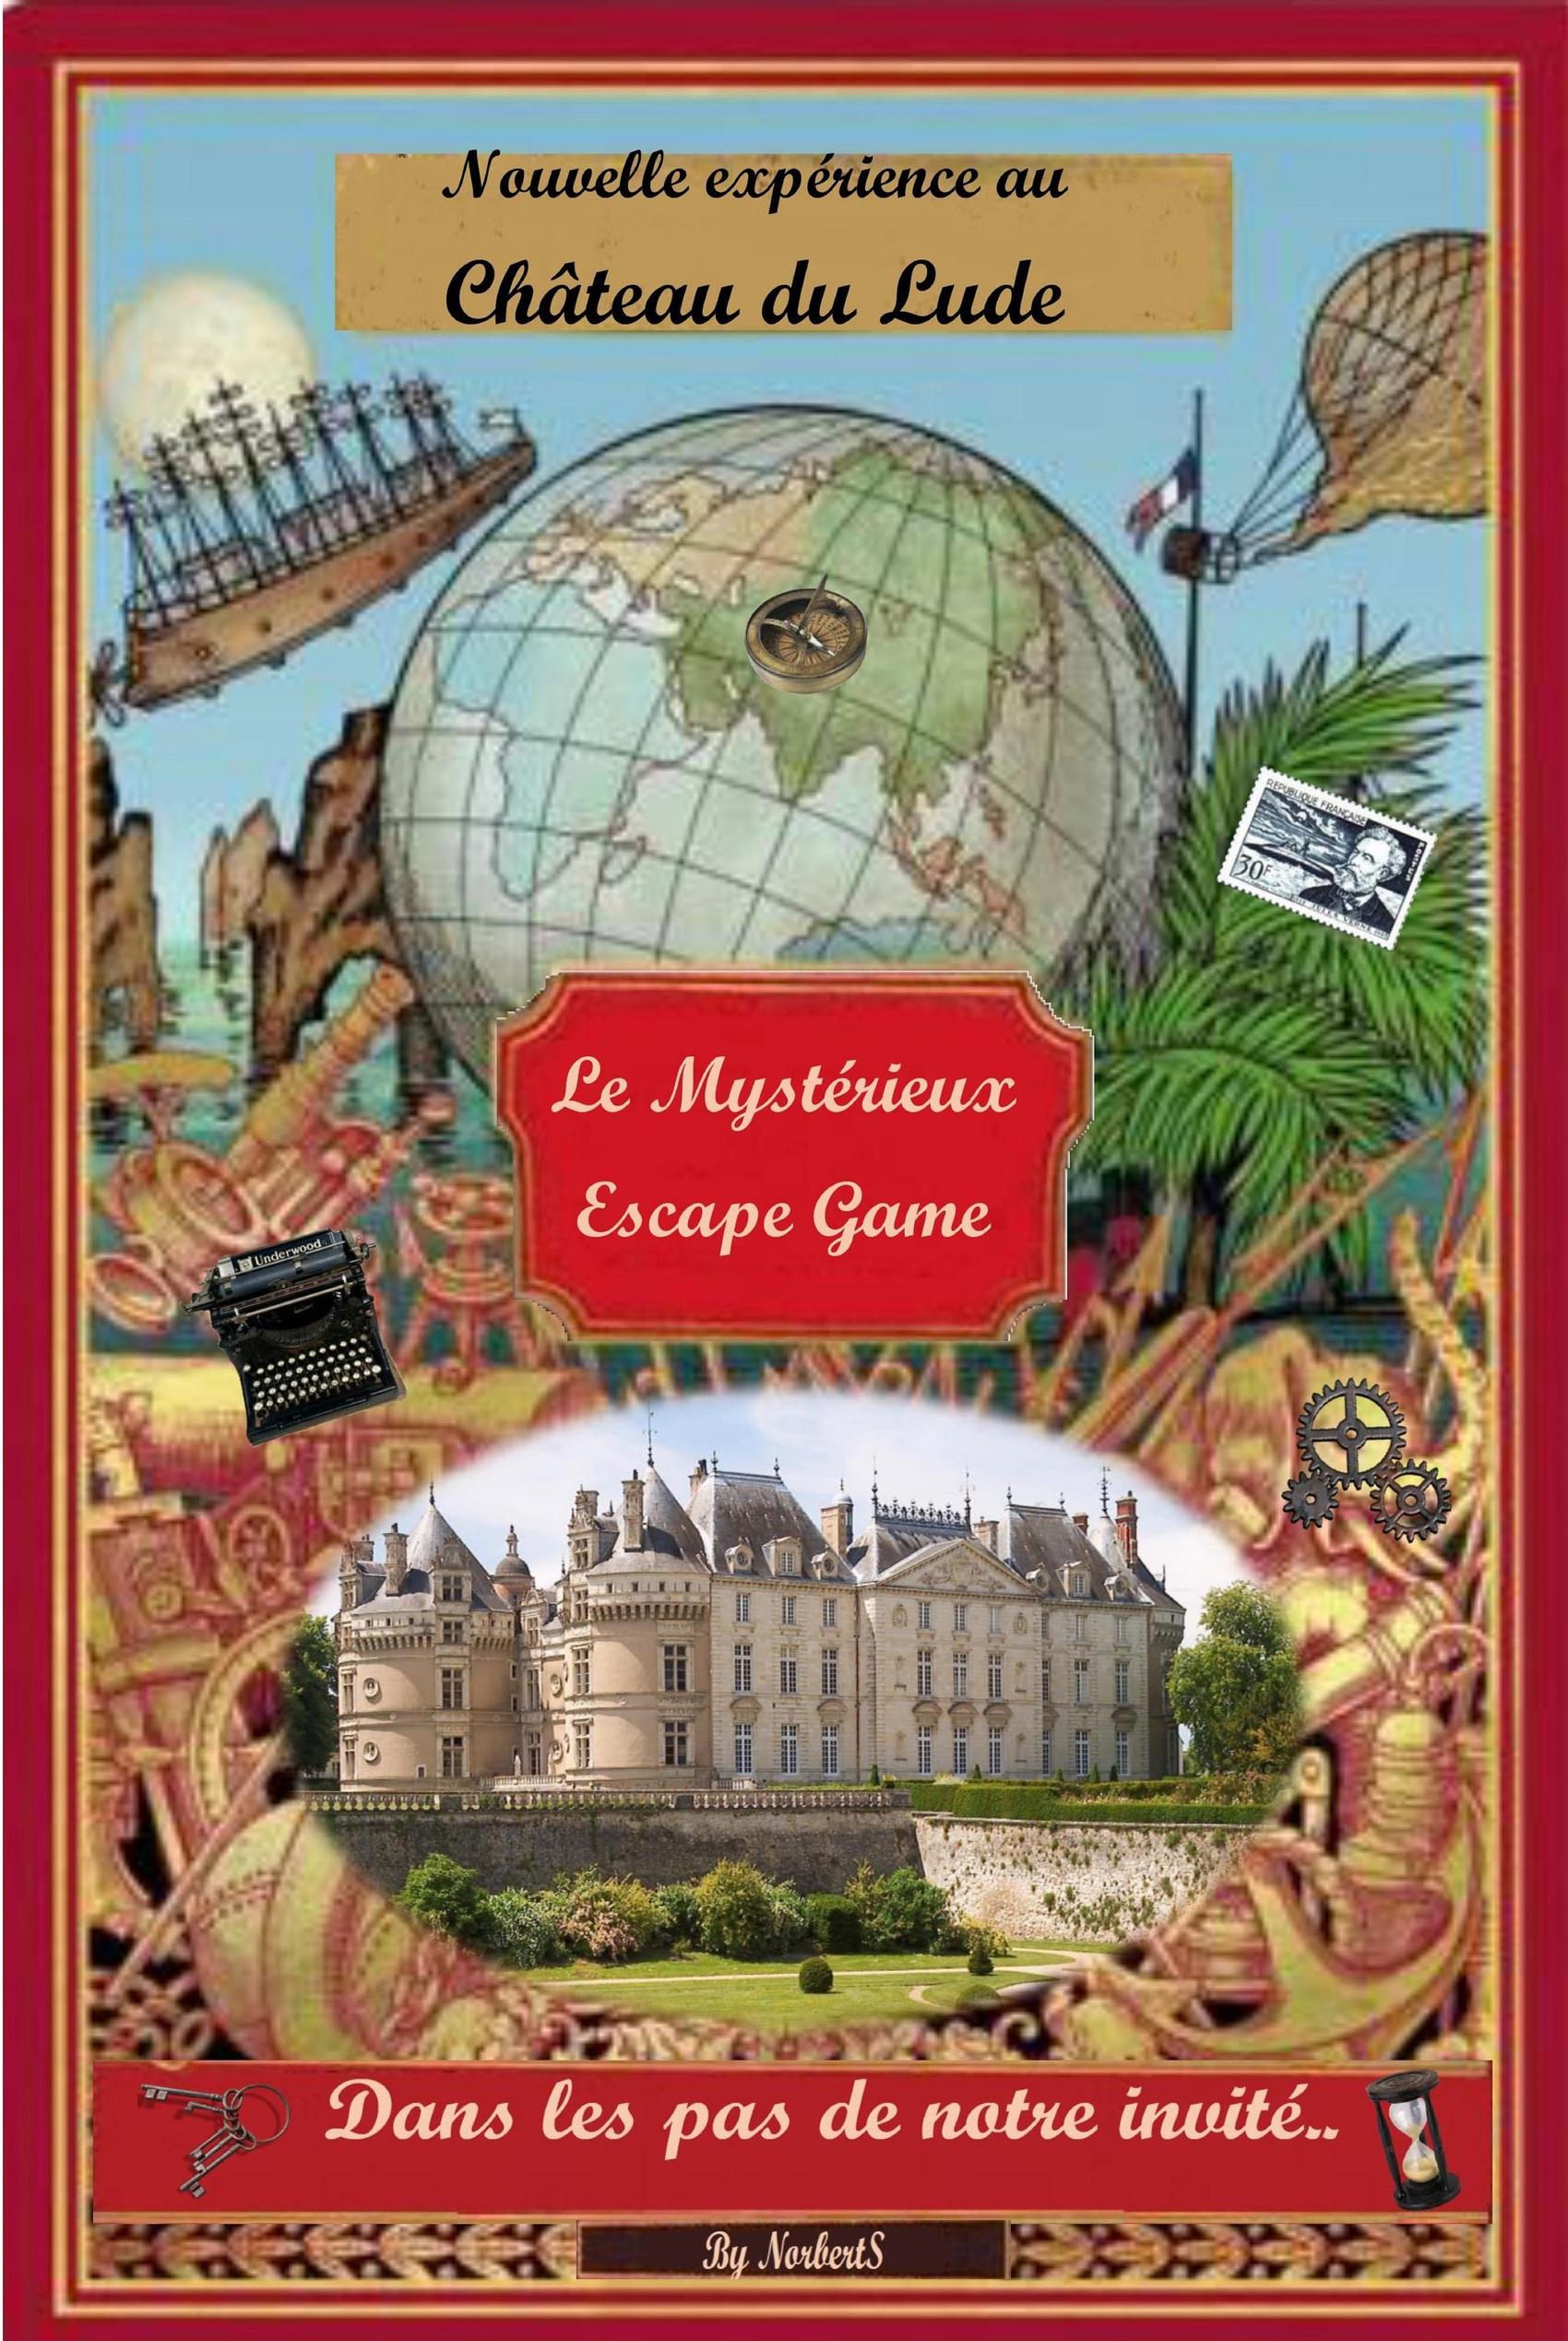 Dans les pas de notre invité - Escape Game # Le Lude @ Château du Lude